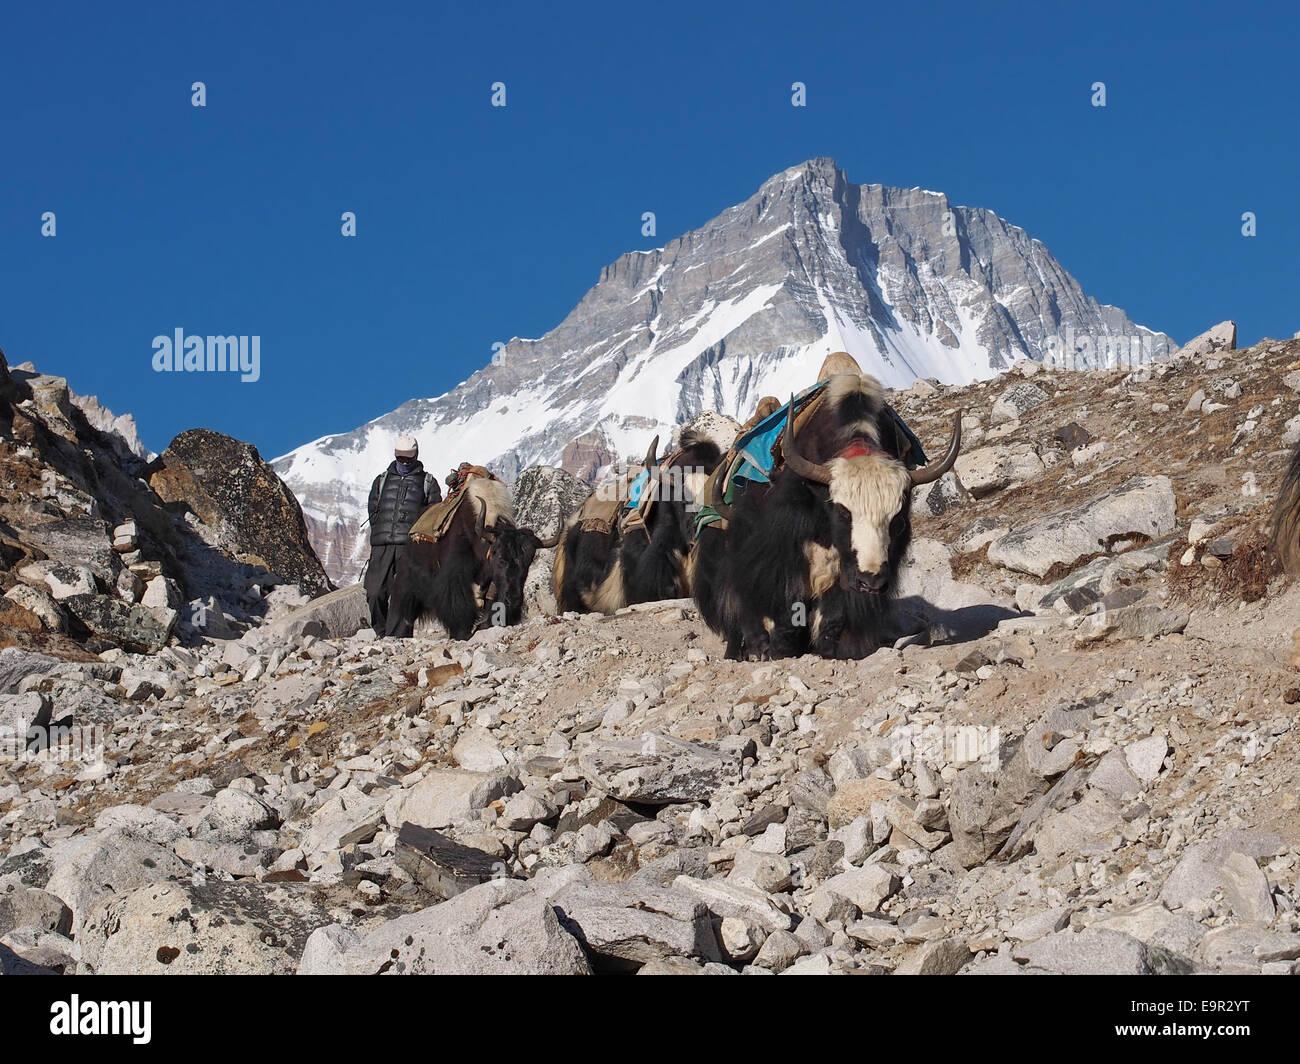 Yaks on the trail, Everest Base Camp Trek, Khumbu Region, Nepal. - Stock Image